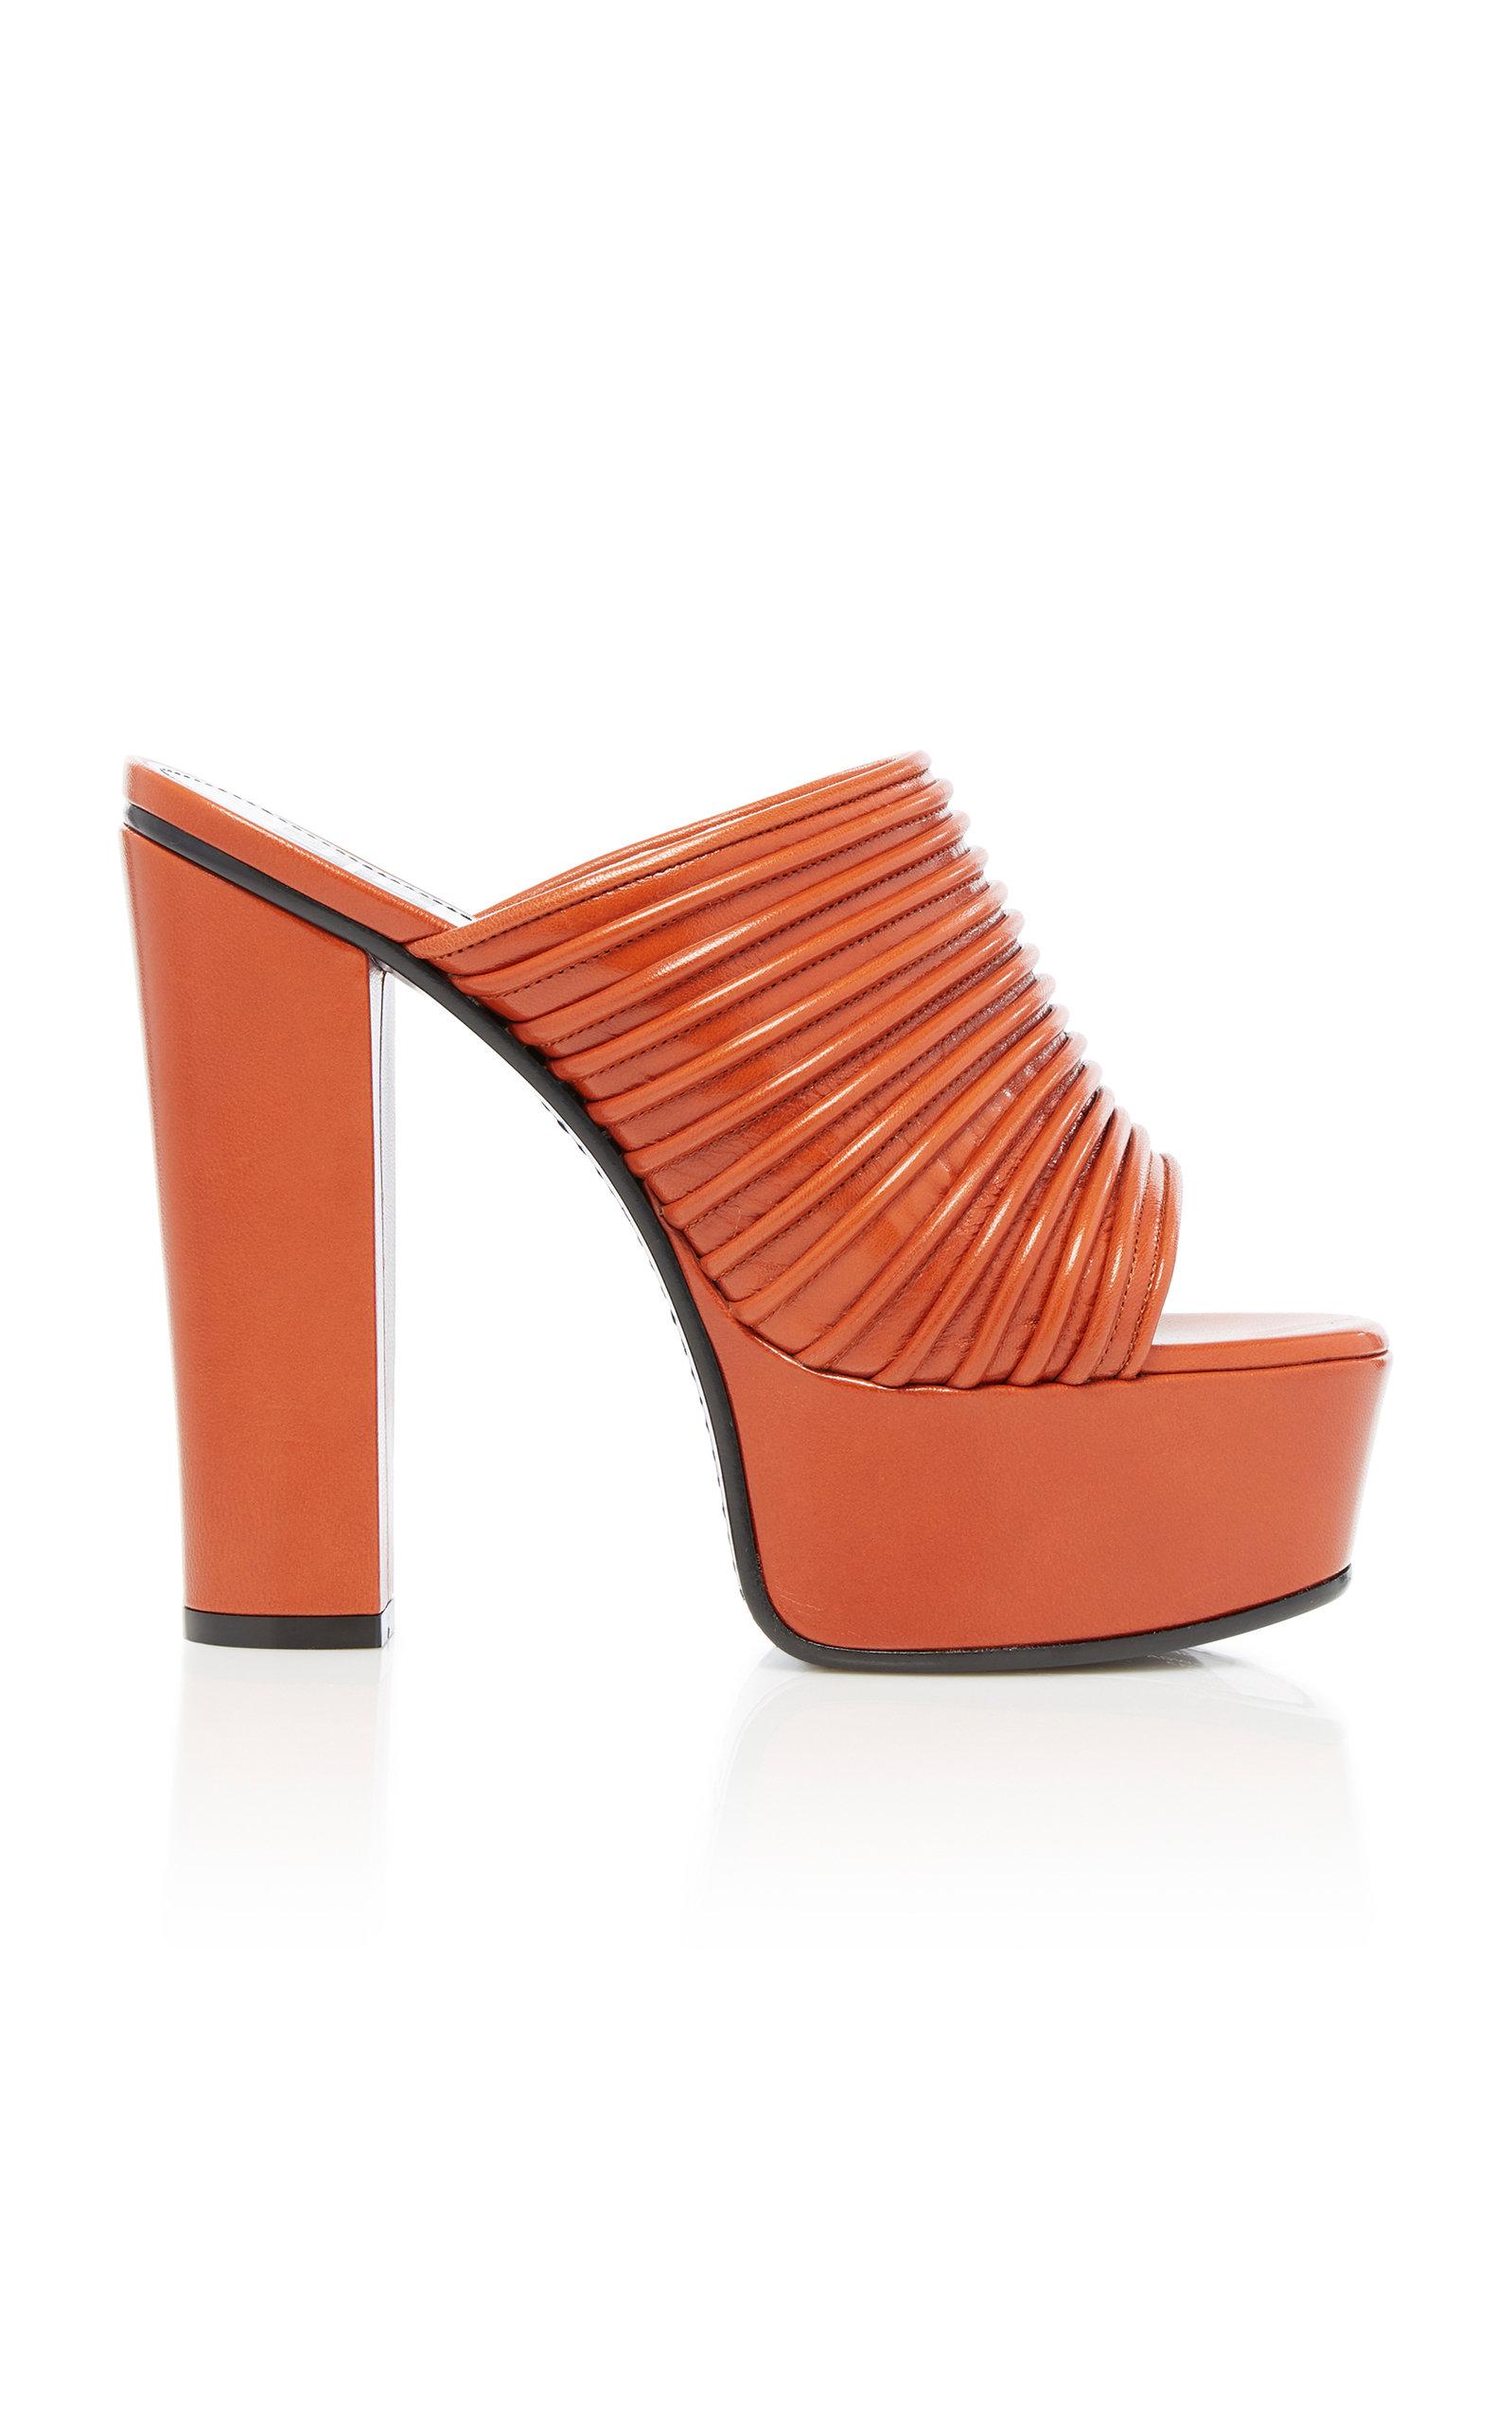 Givenchy Platforms Leather Platform Sandals